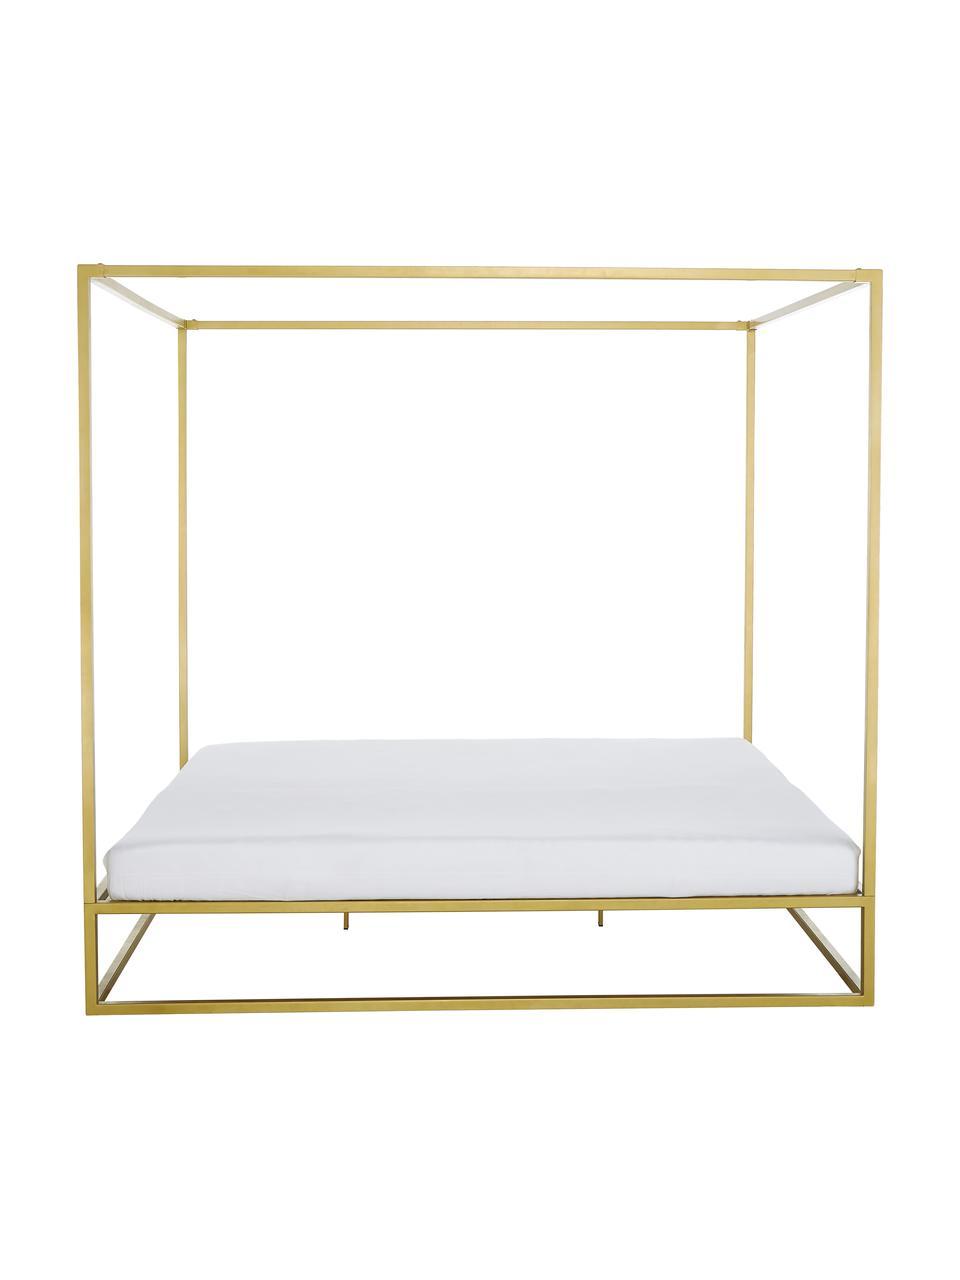 Hemelbed Belle van metaal, Vermessingd metaal, Mat goudkleurig, 180 x 200 cm